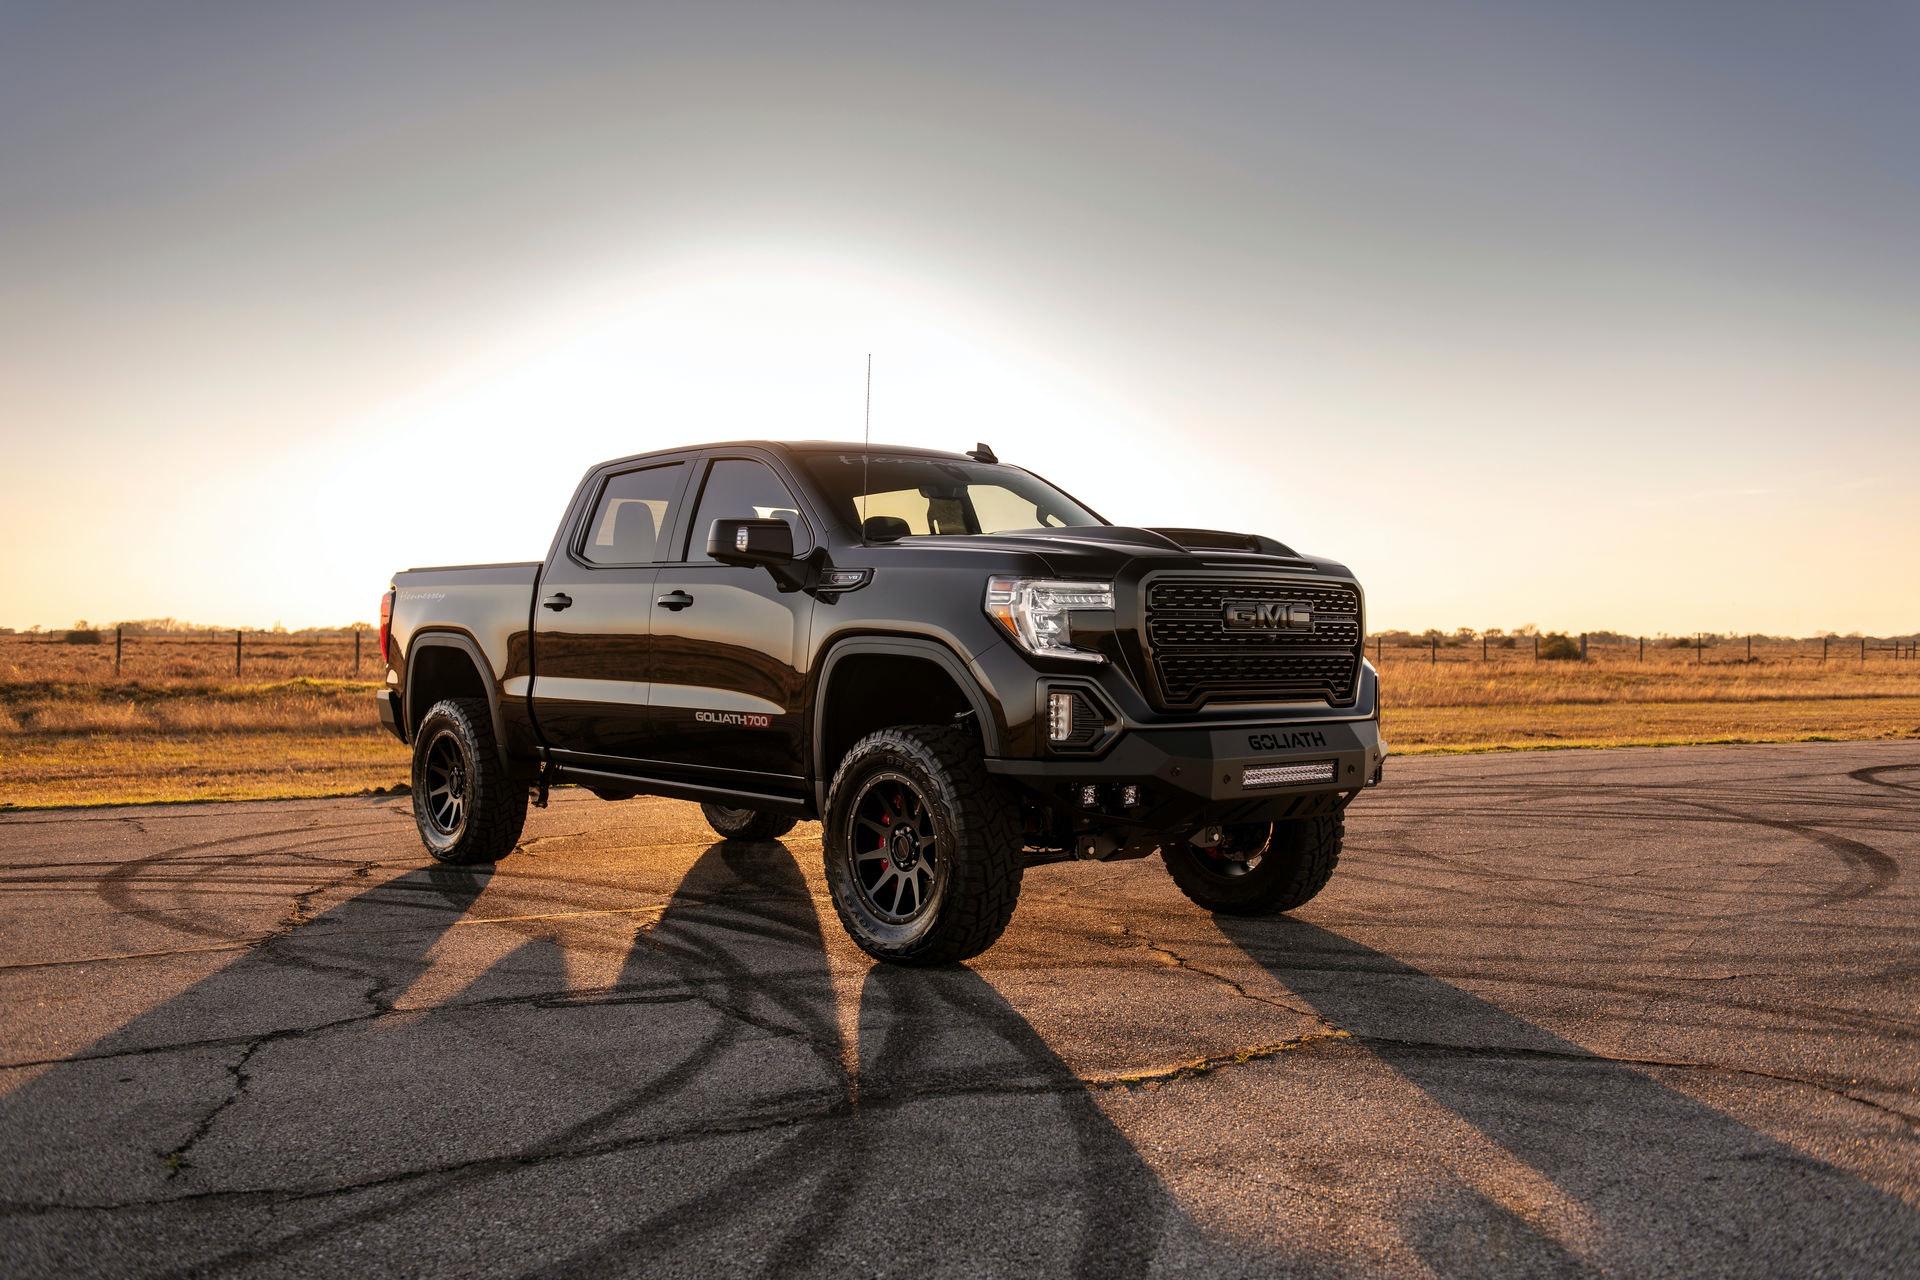 Безумный Hennessey Goliath 700 Supercharged на основе GMC Sierra анонсирован несколько месяцев назад, а теперь стартовало его производство.